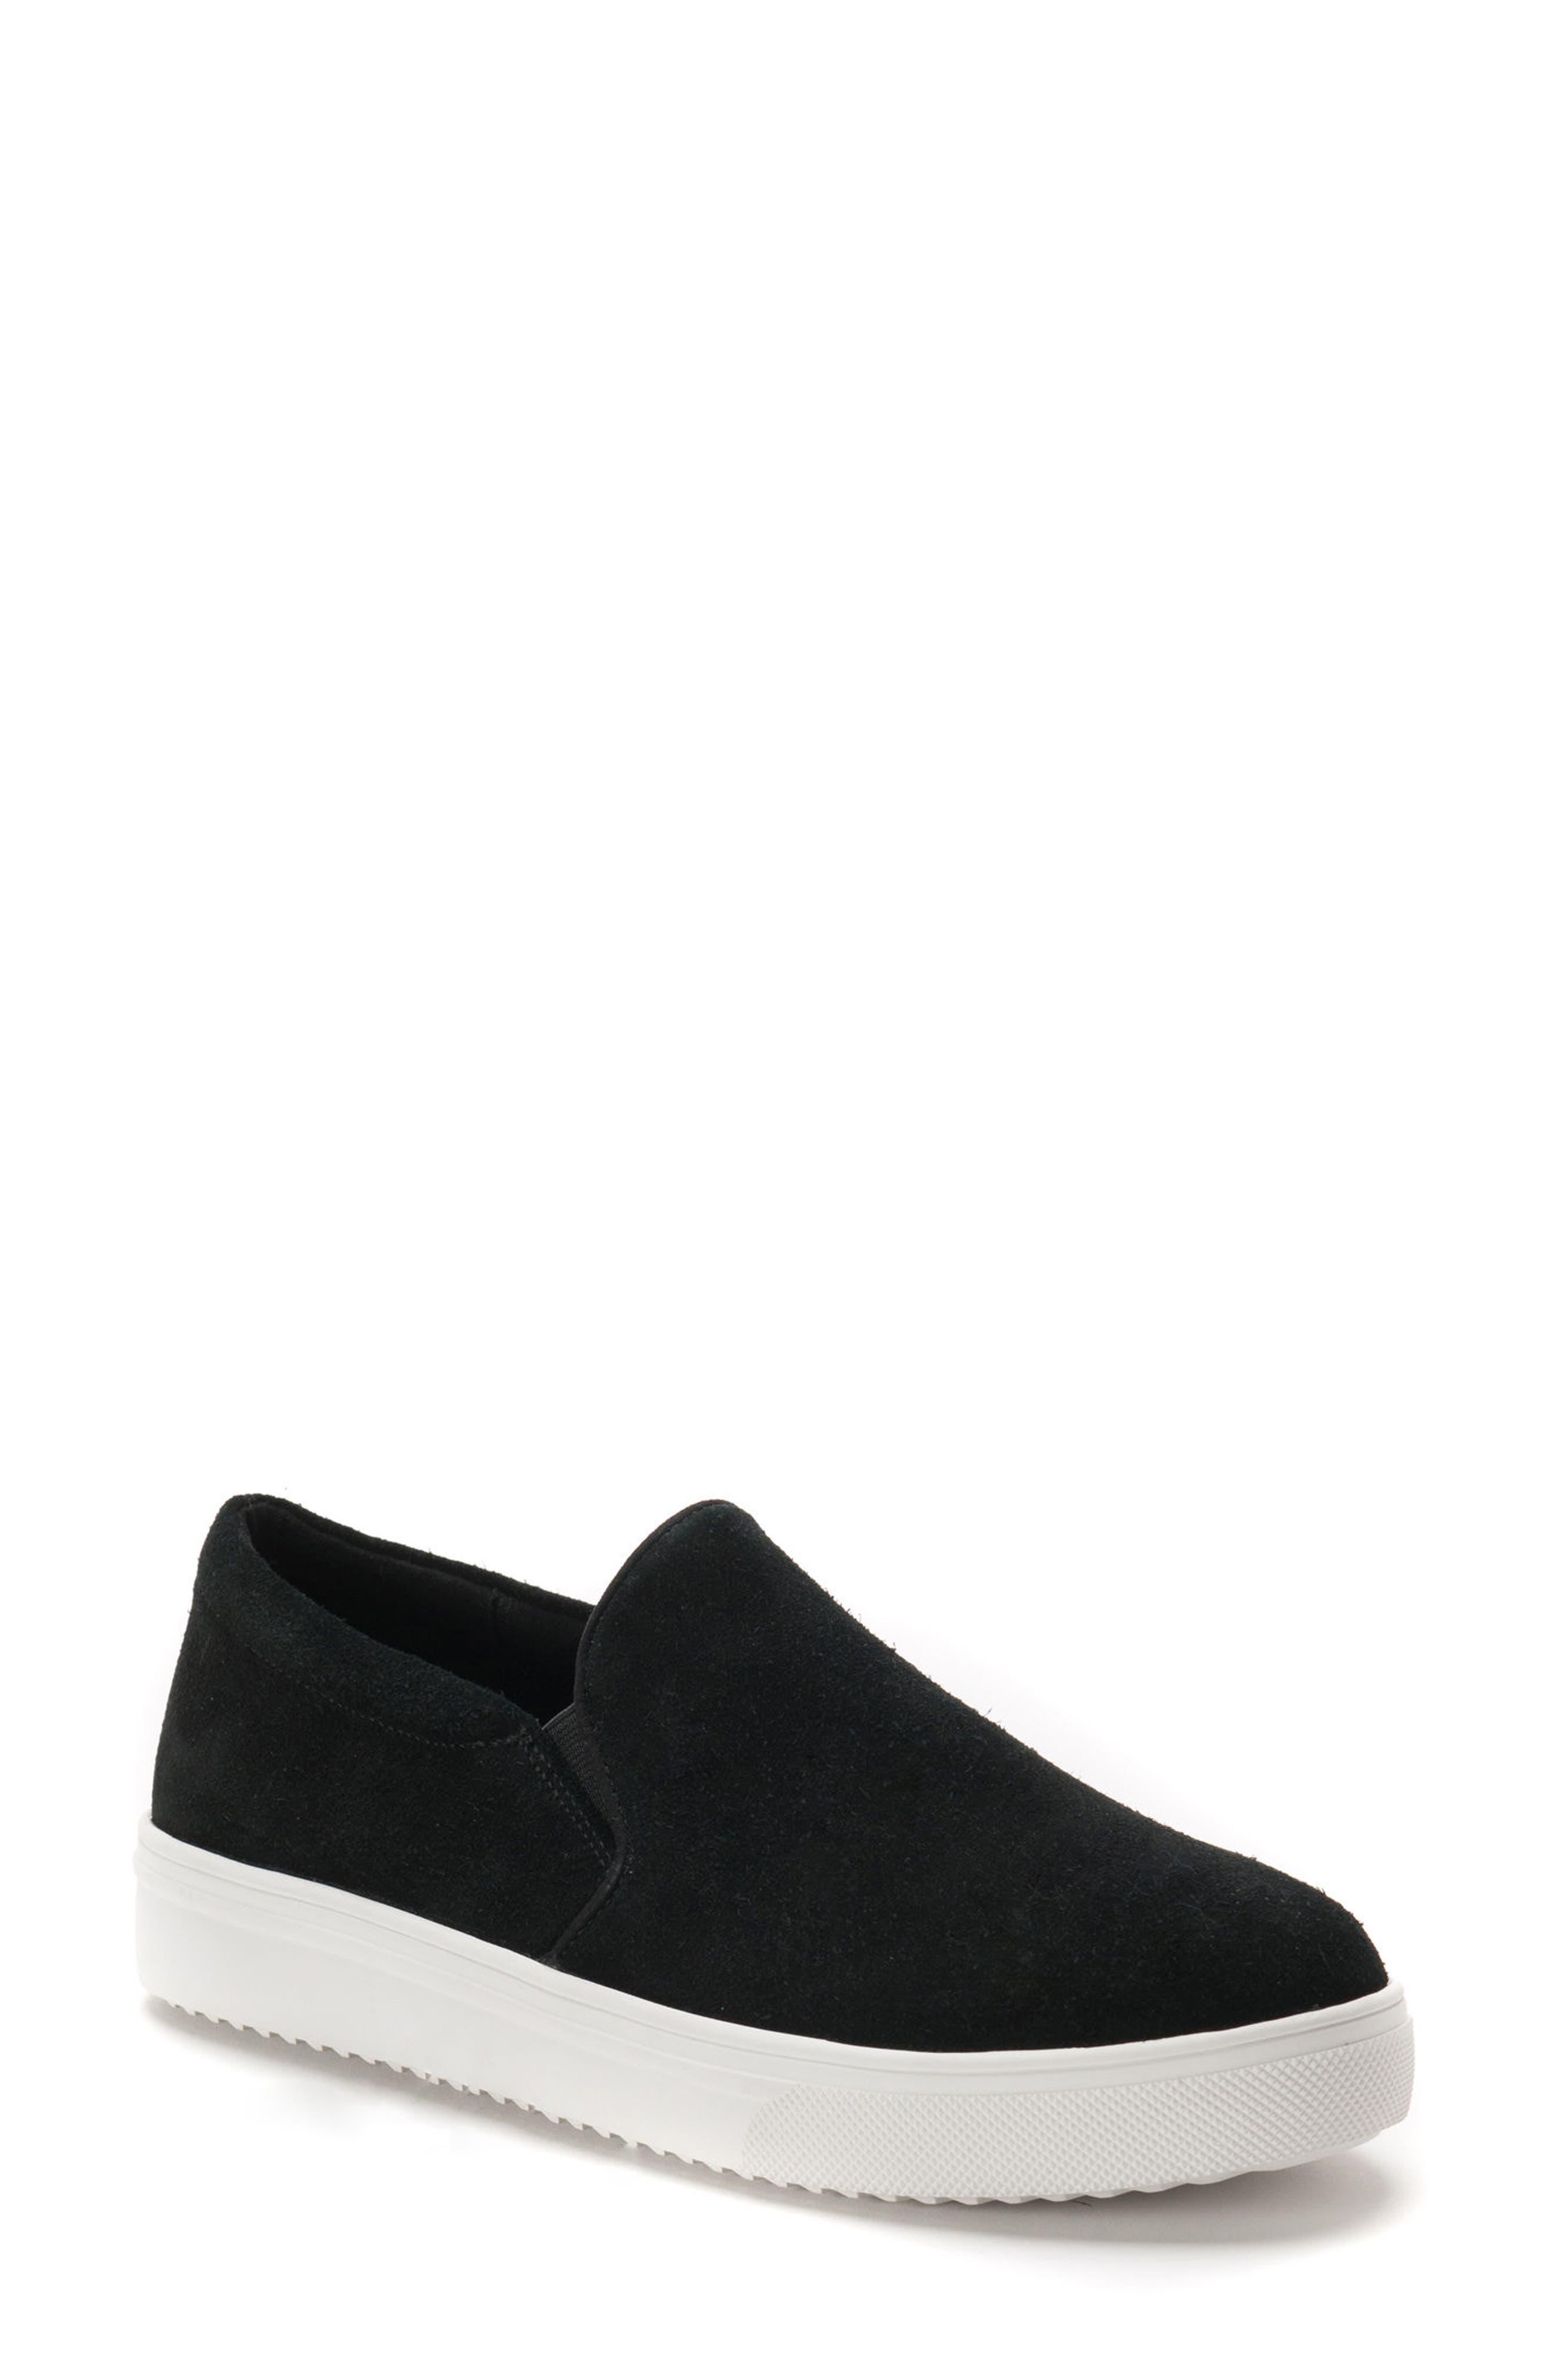 BLONDO Gracie Waterproof Slip-On Sneaker, Main, color, BLACK SUEDE